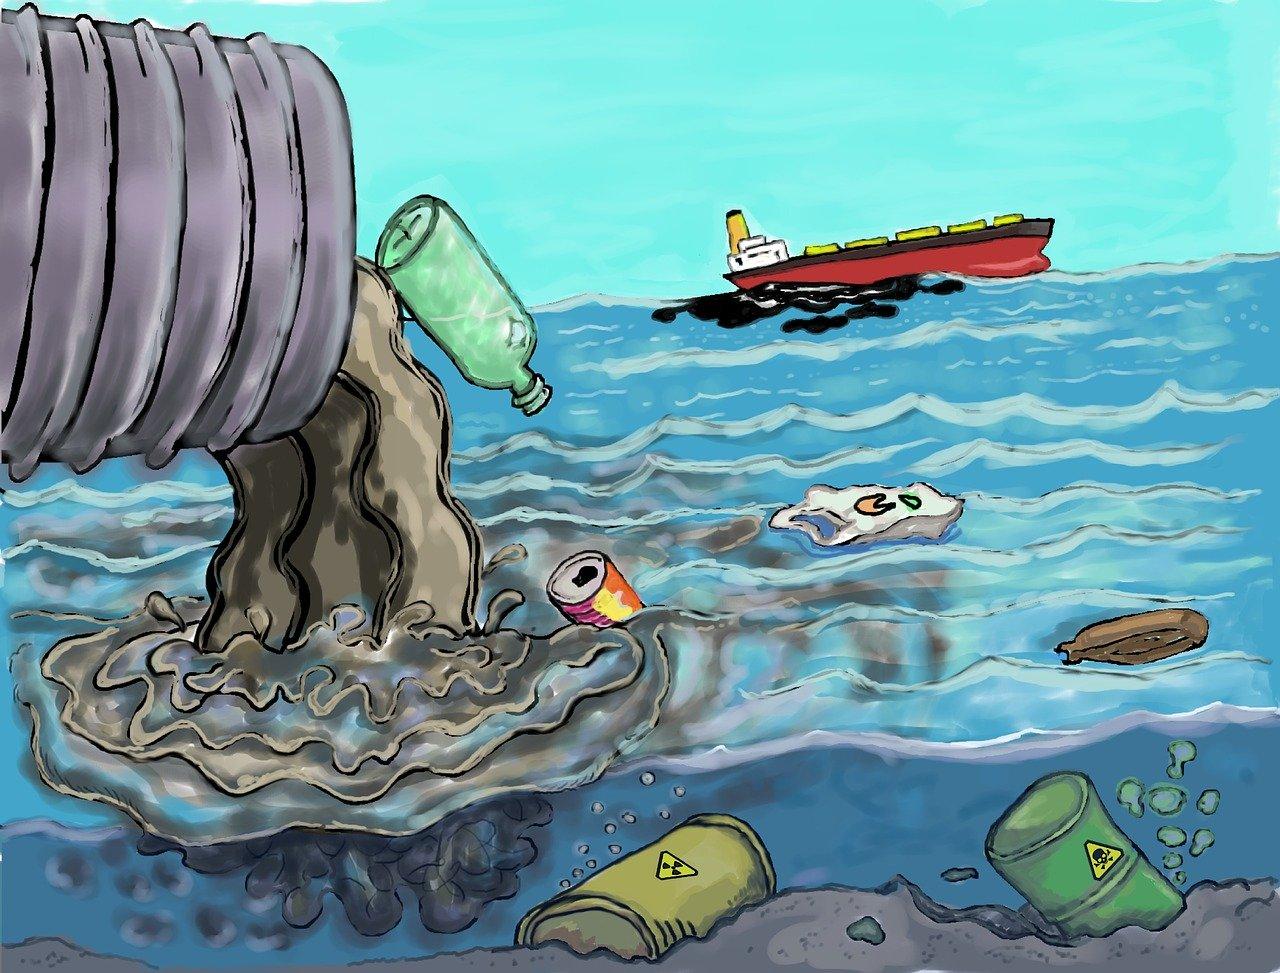 Umweltverschmutzung ist nicht nachhaltig